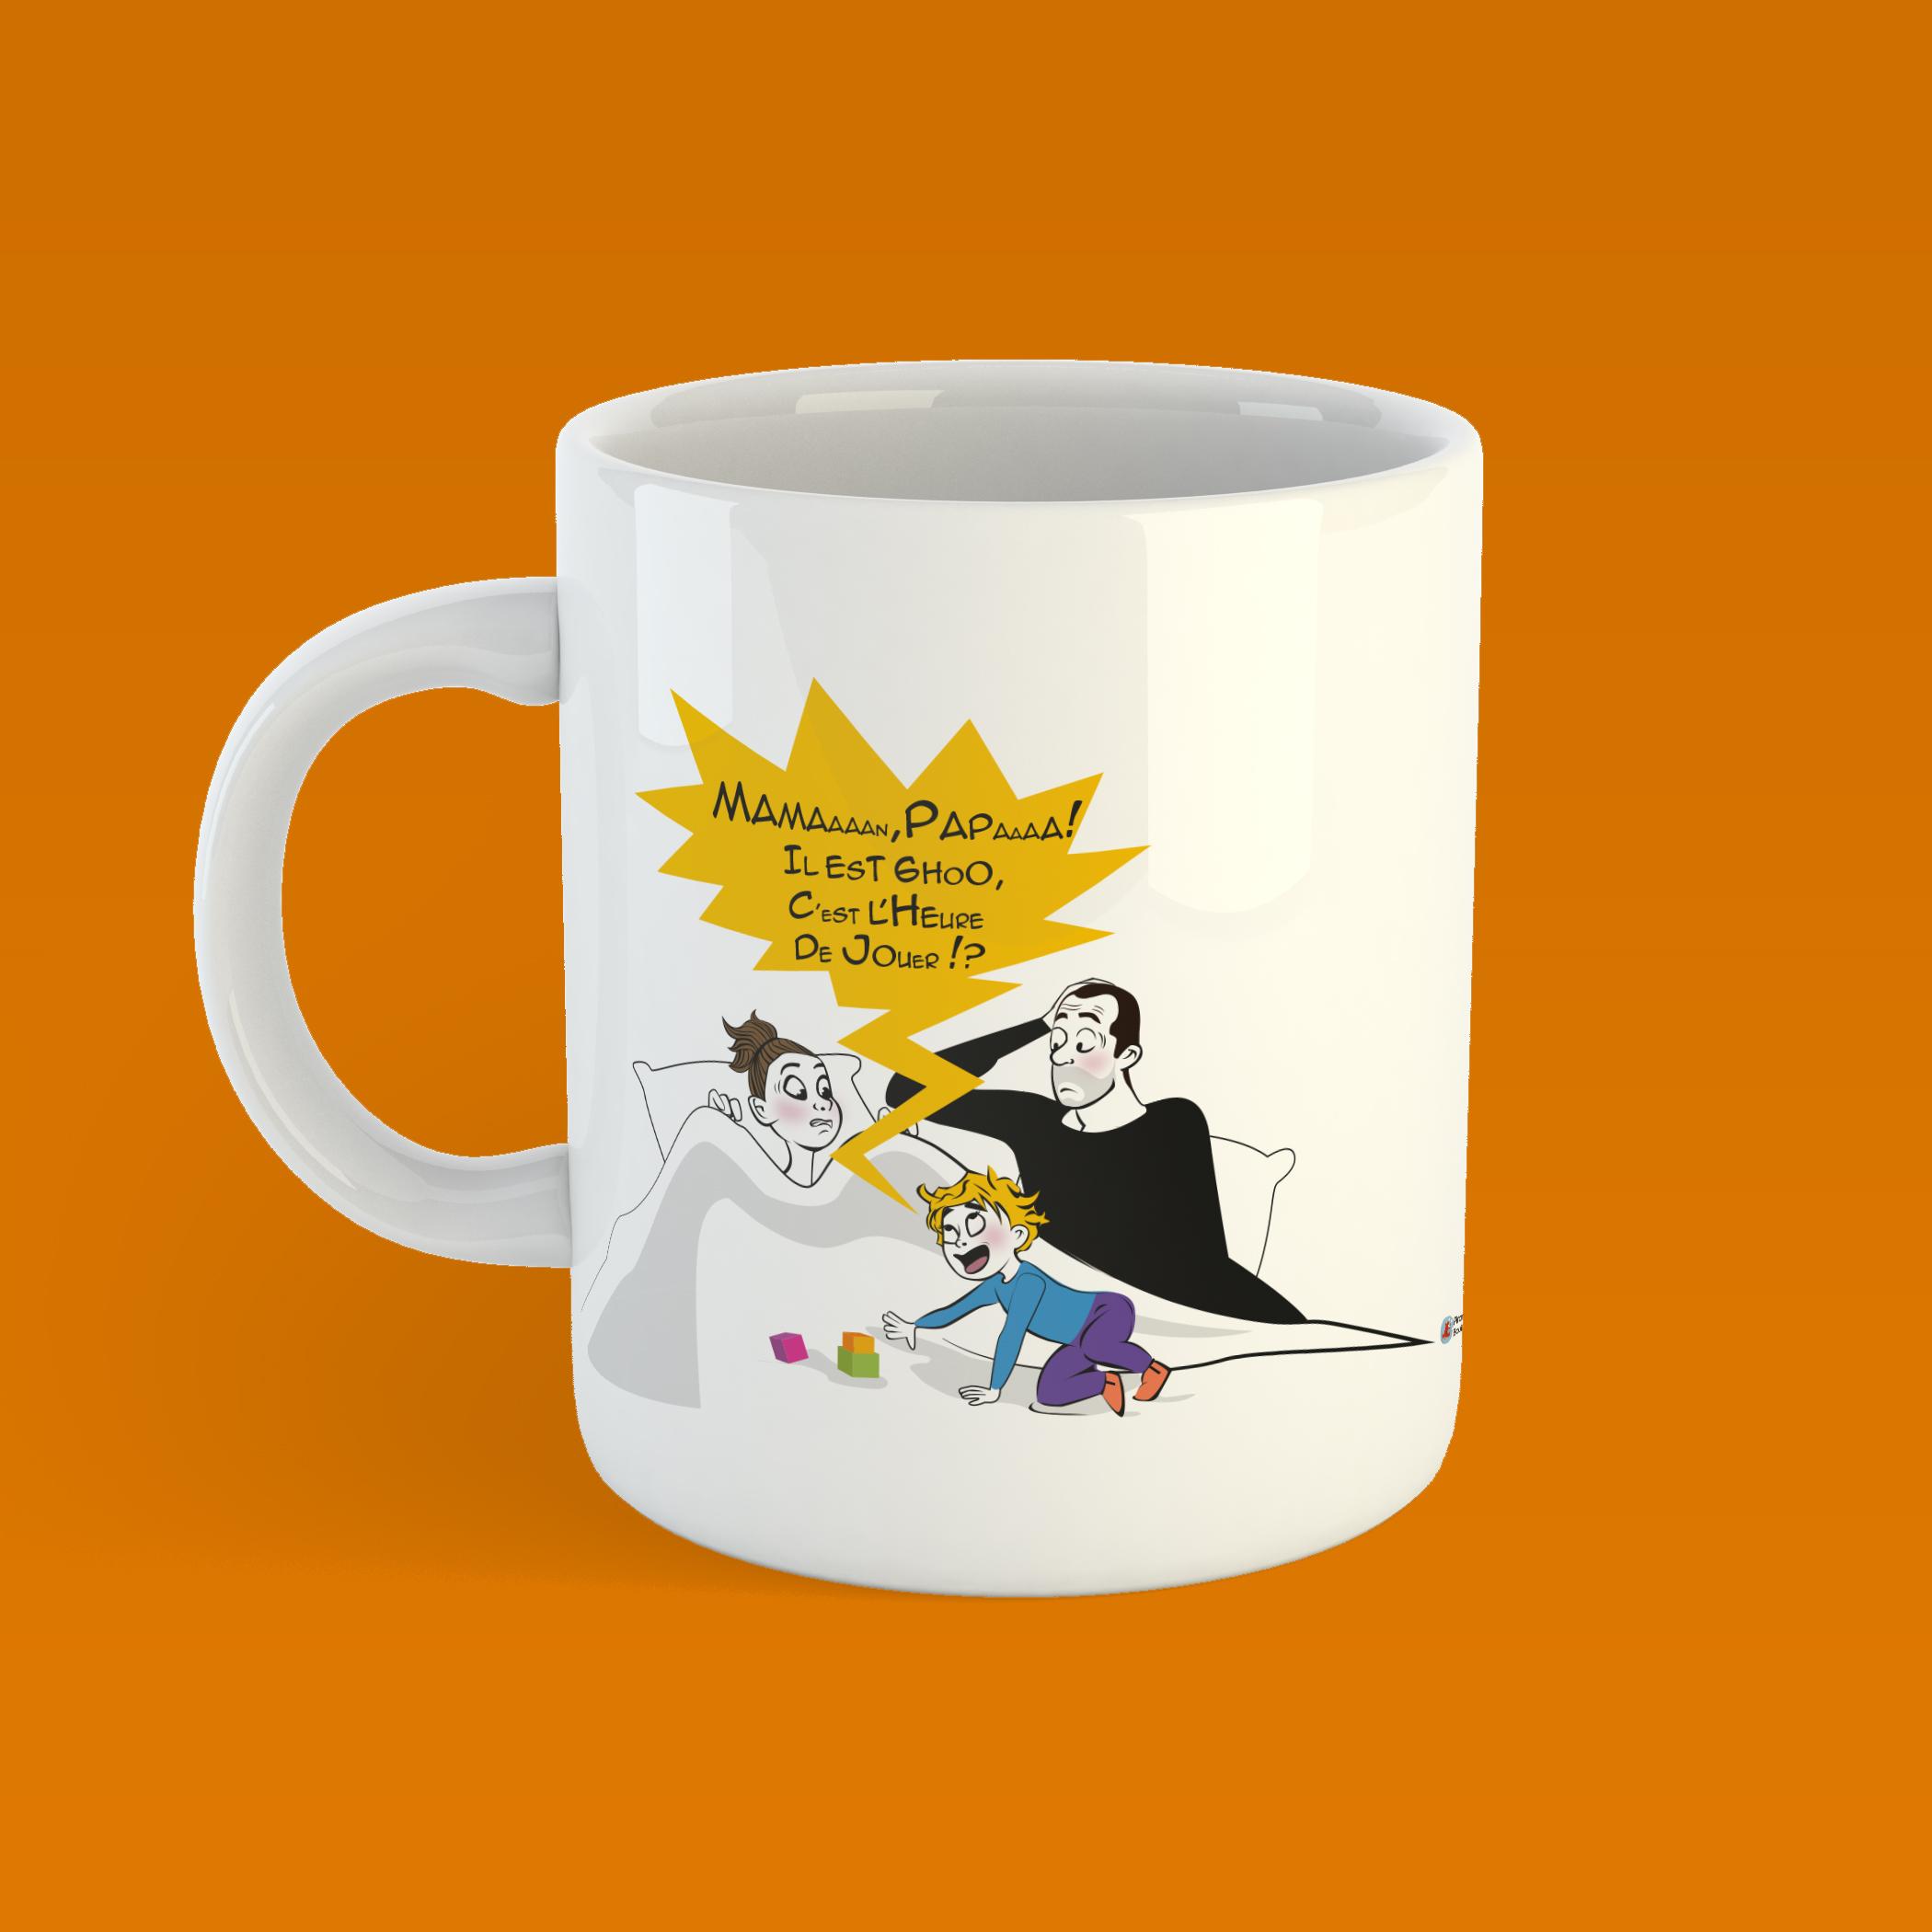 Le Mug illustré a été expédié … arrivé prévu pour Noël !